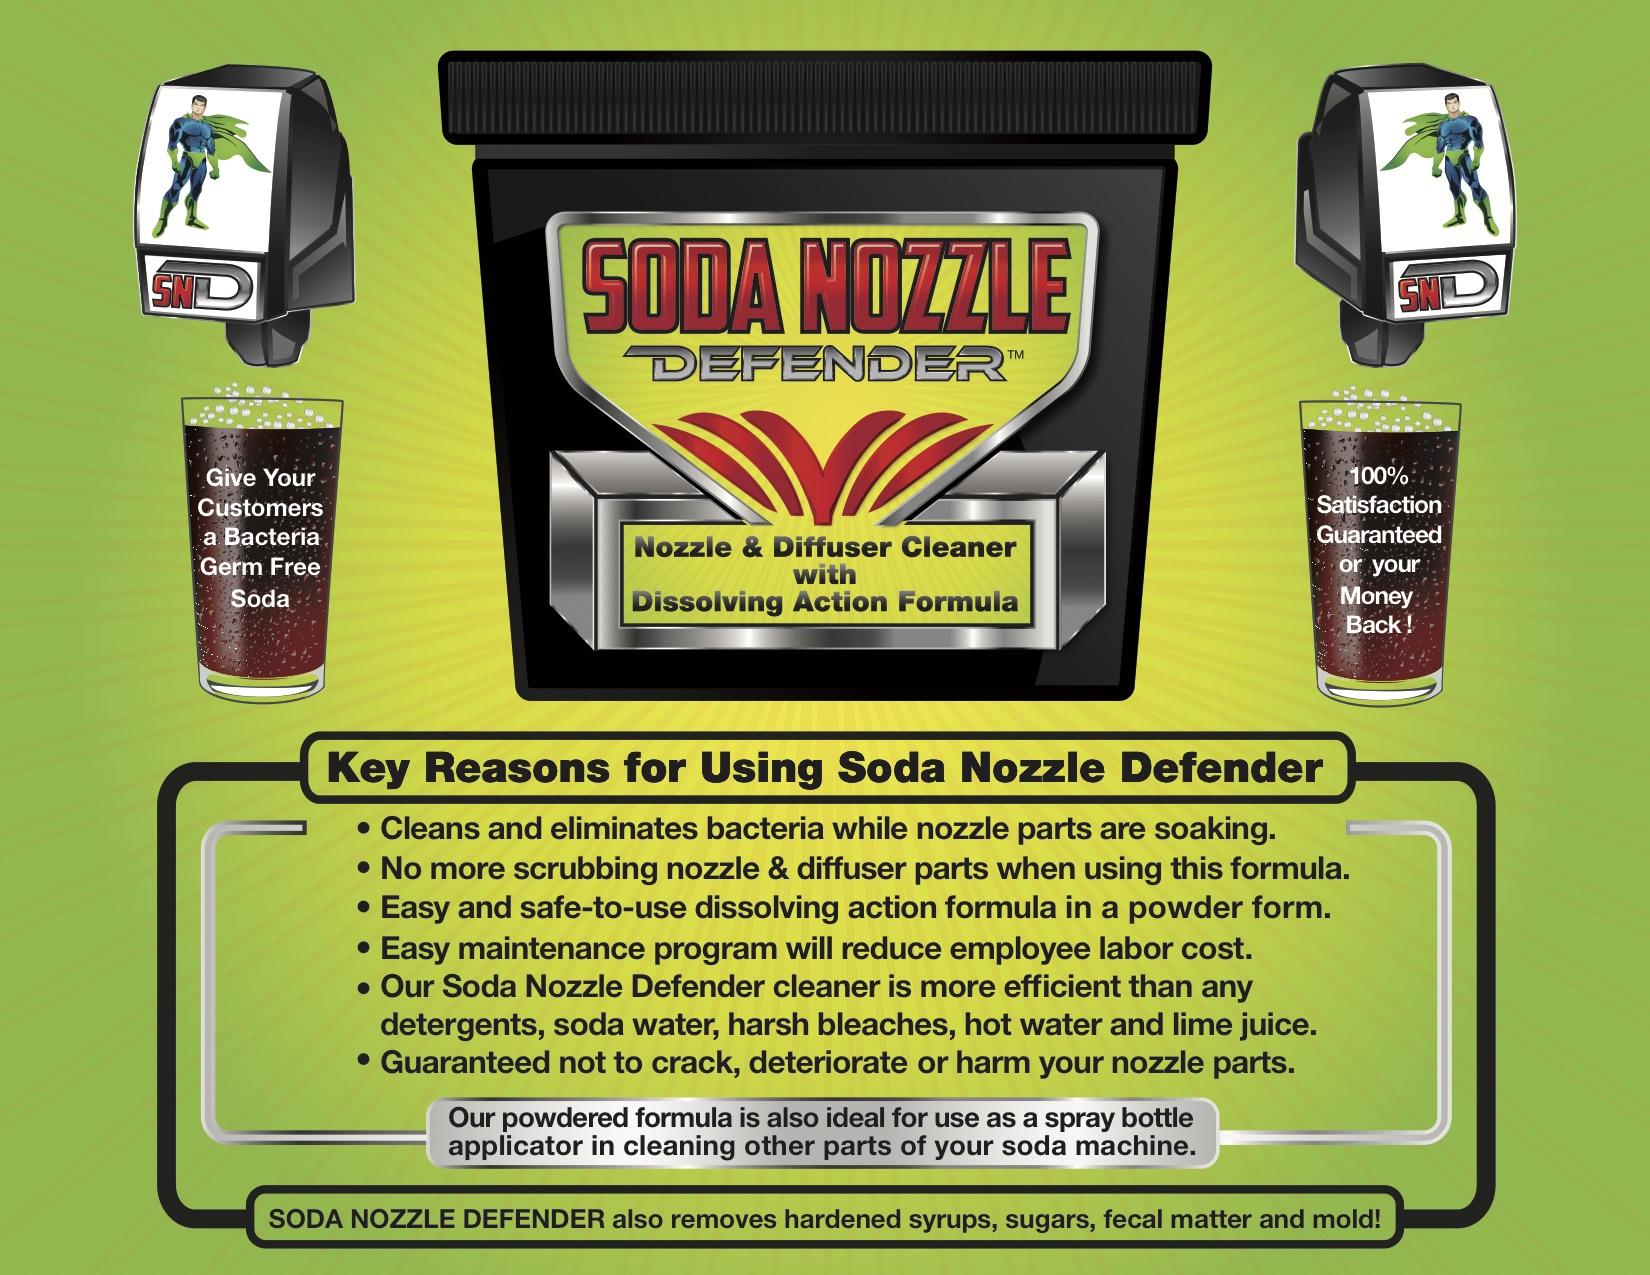 Soda Nozzle Defender  Brochure